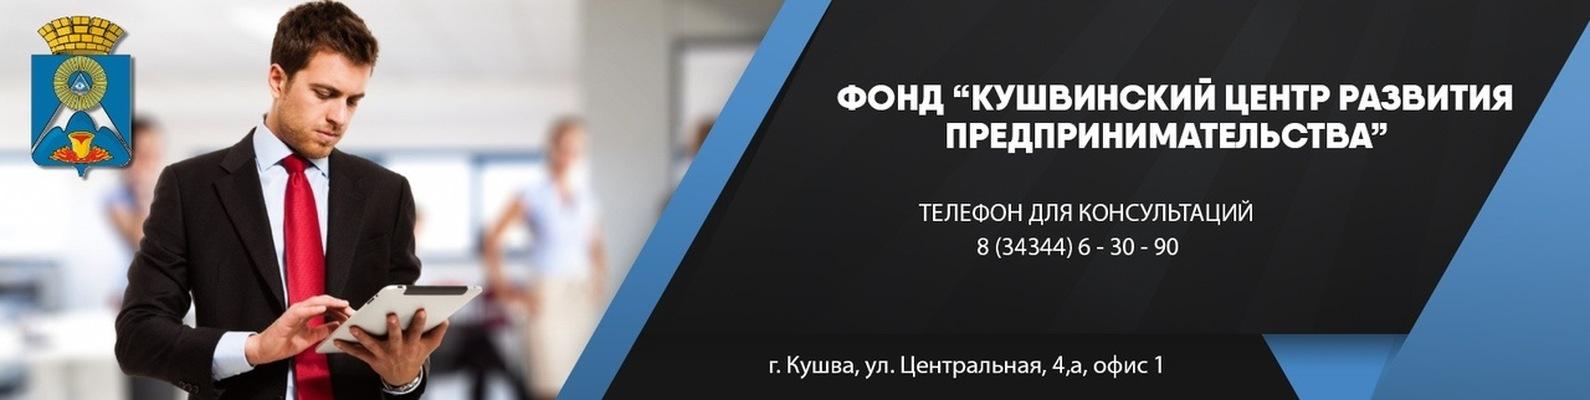 467a7a9212bb4 Кушвинский центр развития предпринимательства   ВКонтакте